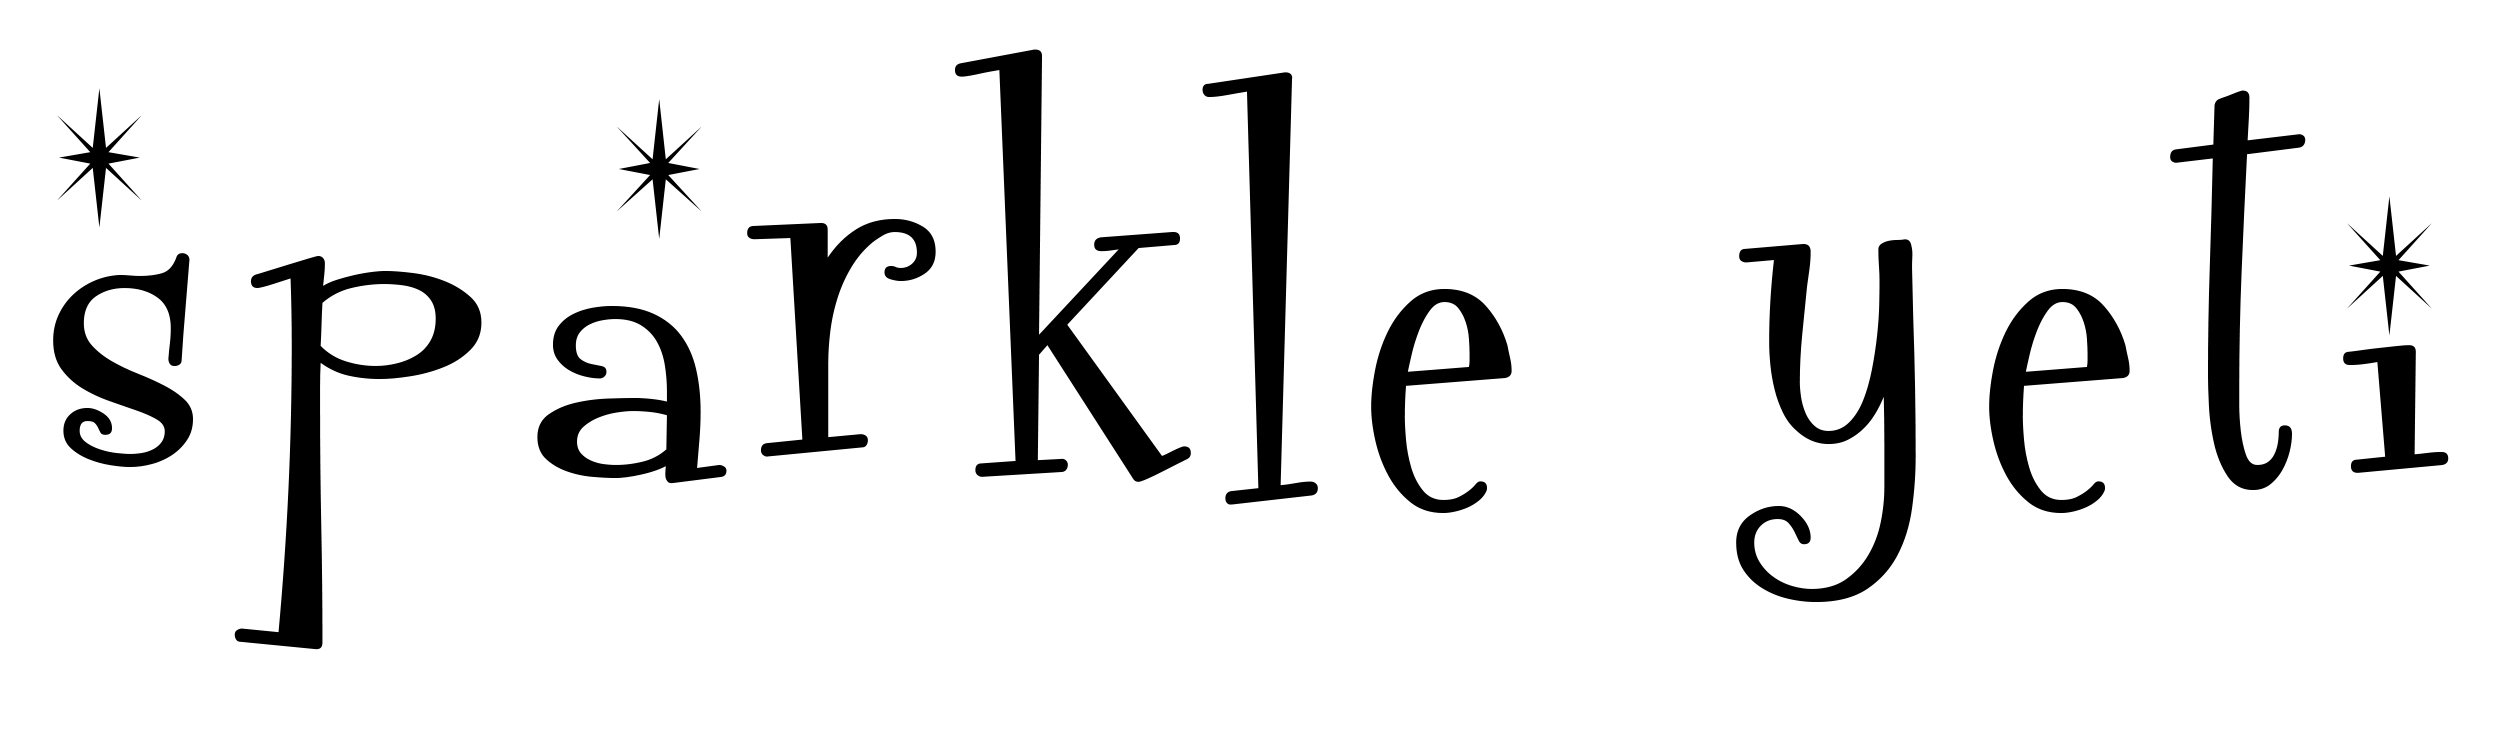 Sparkle Yeti